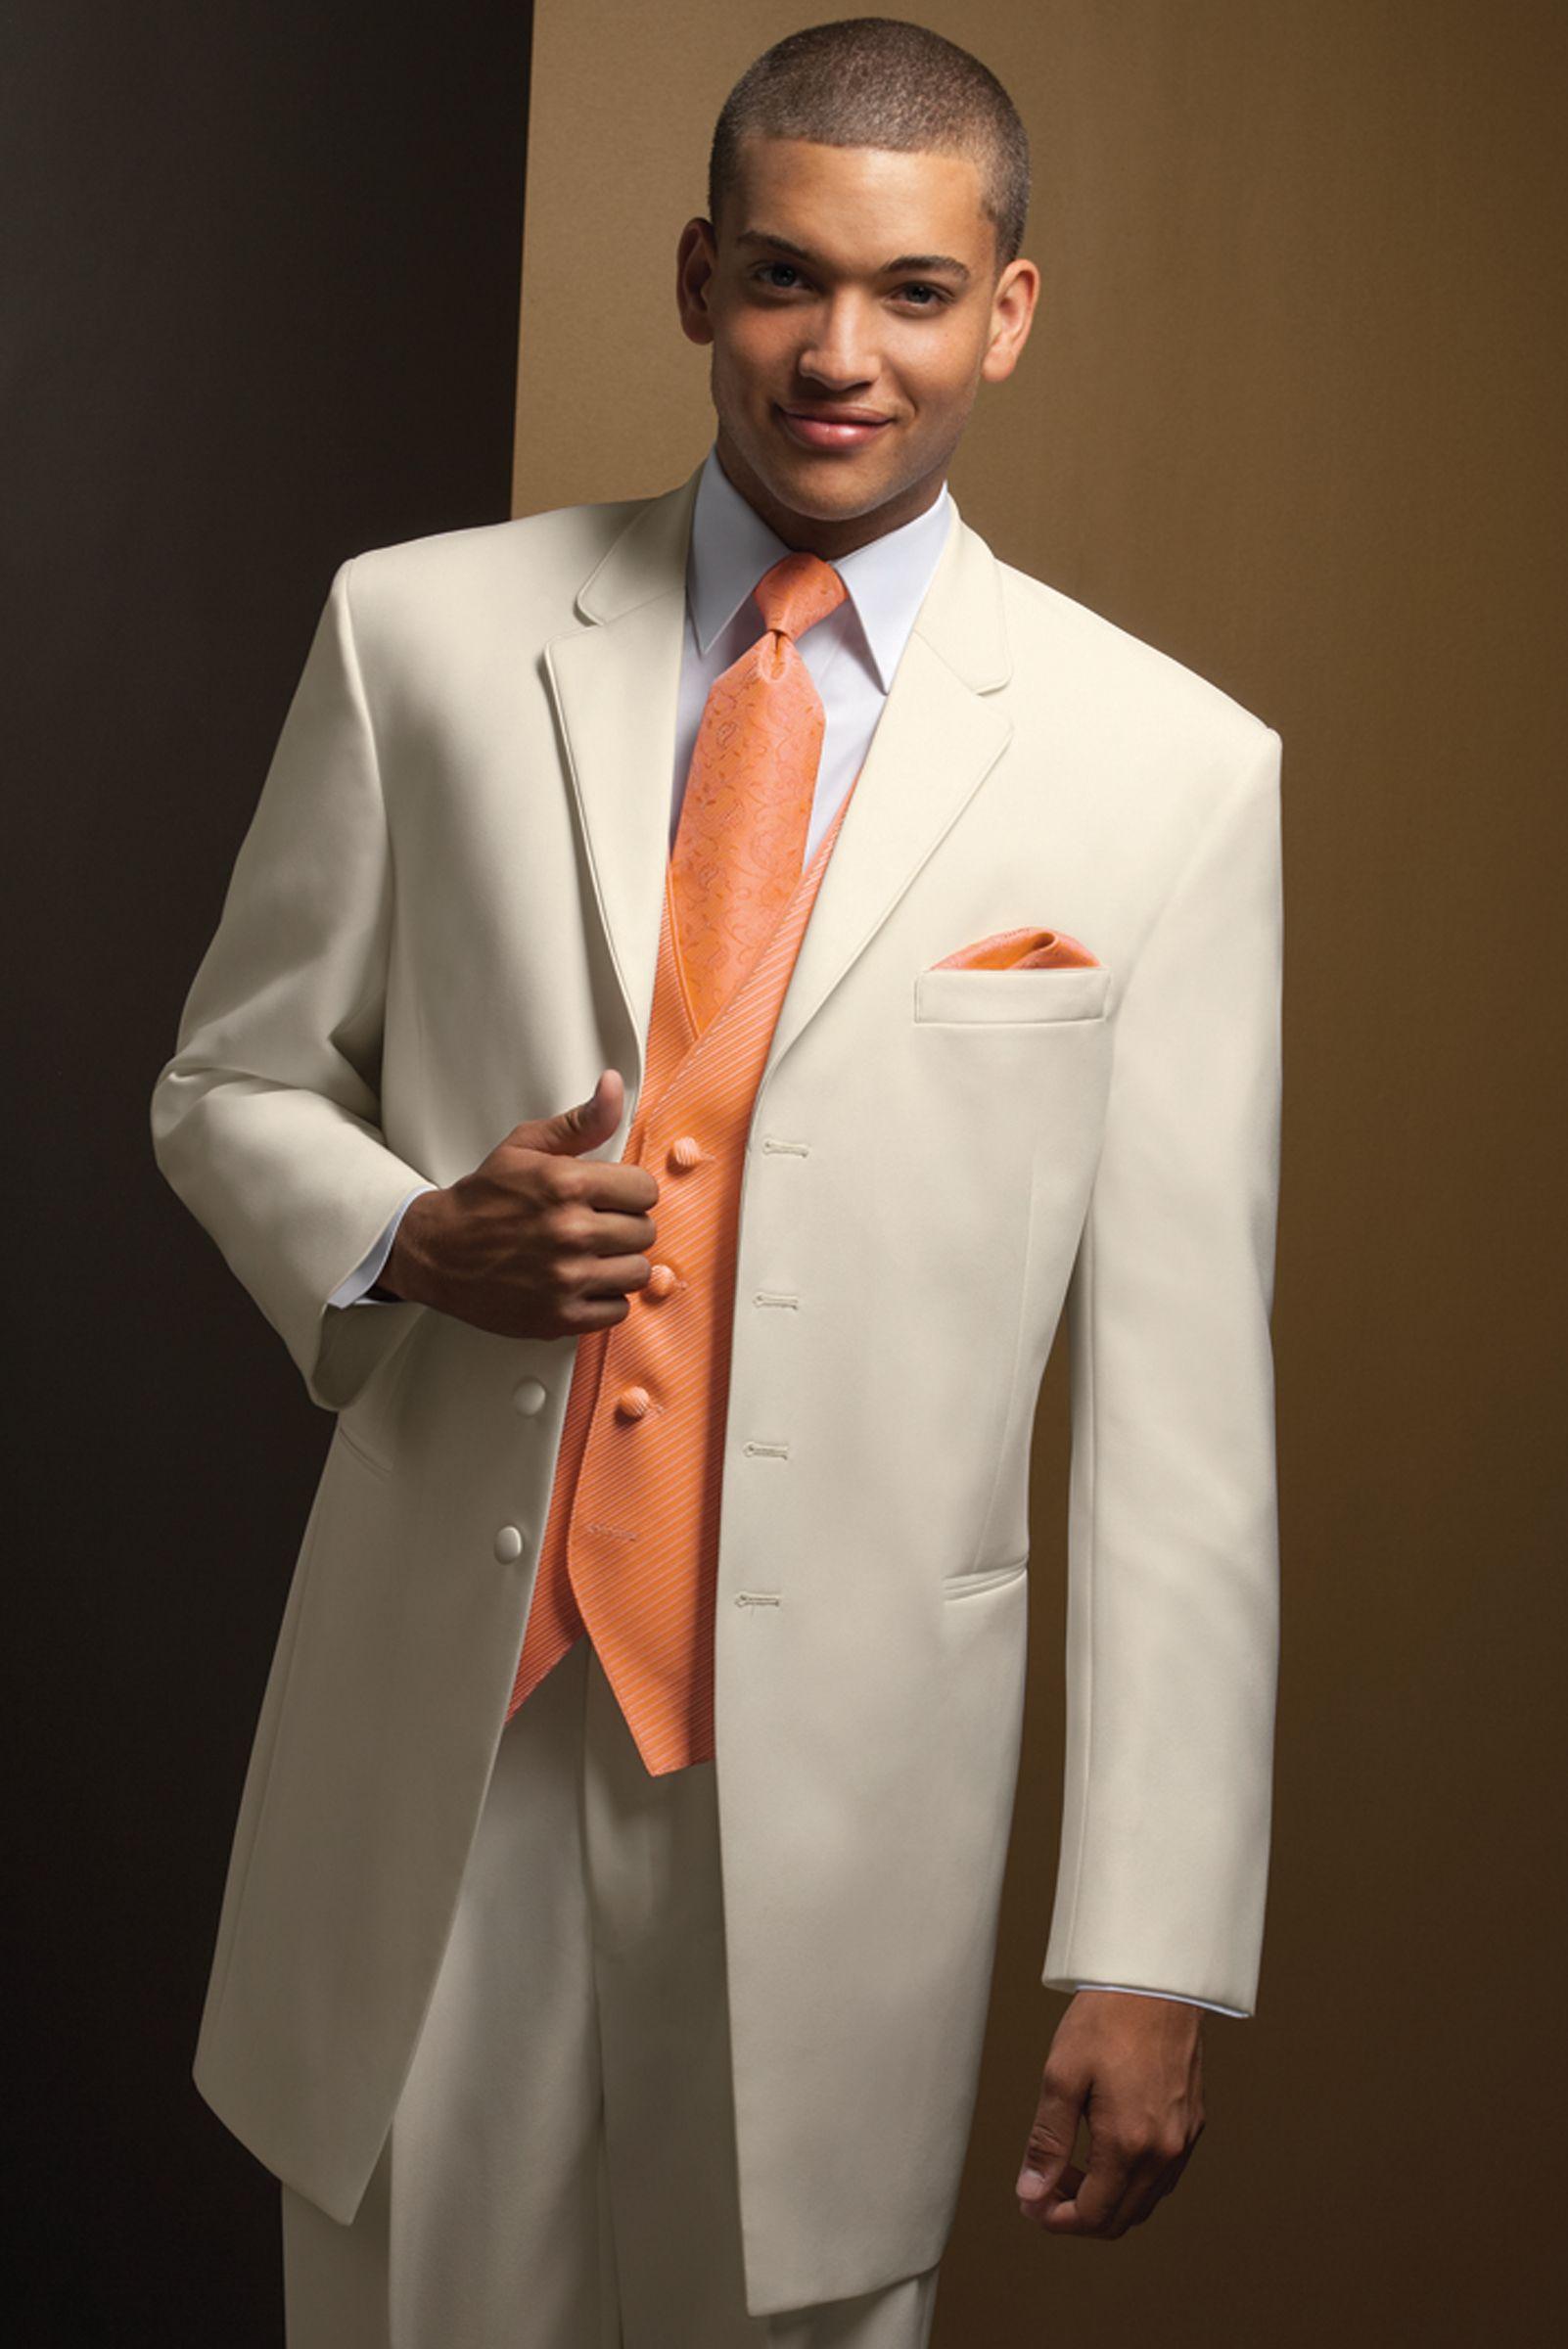 Ivory Tuxedo | CHESTI DE IMBRACAT 2 | Pinterest | Ivory tuxedo and ...